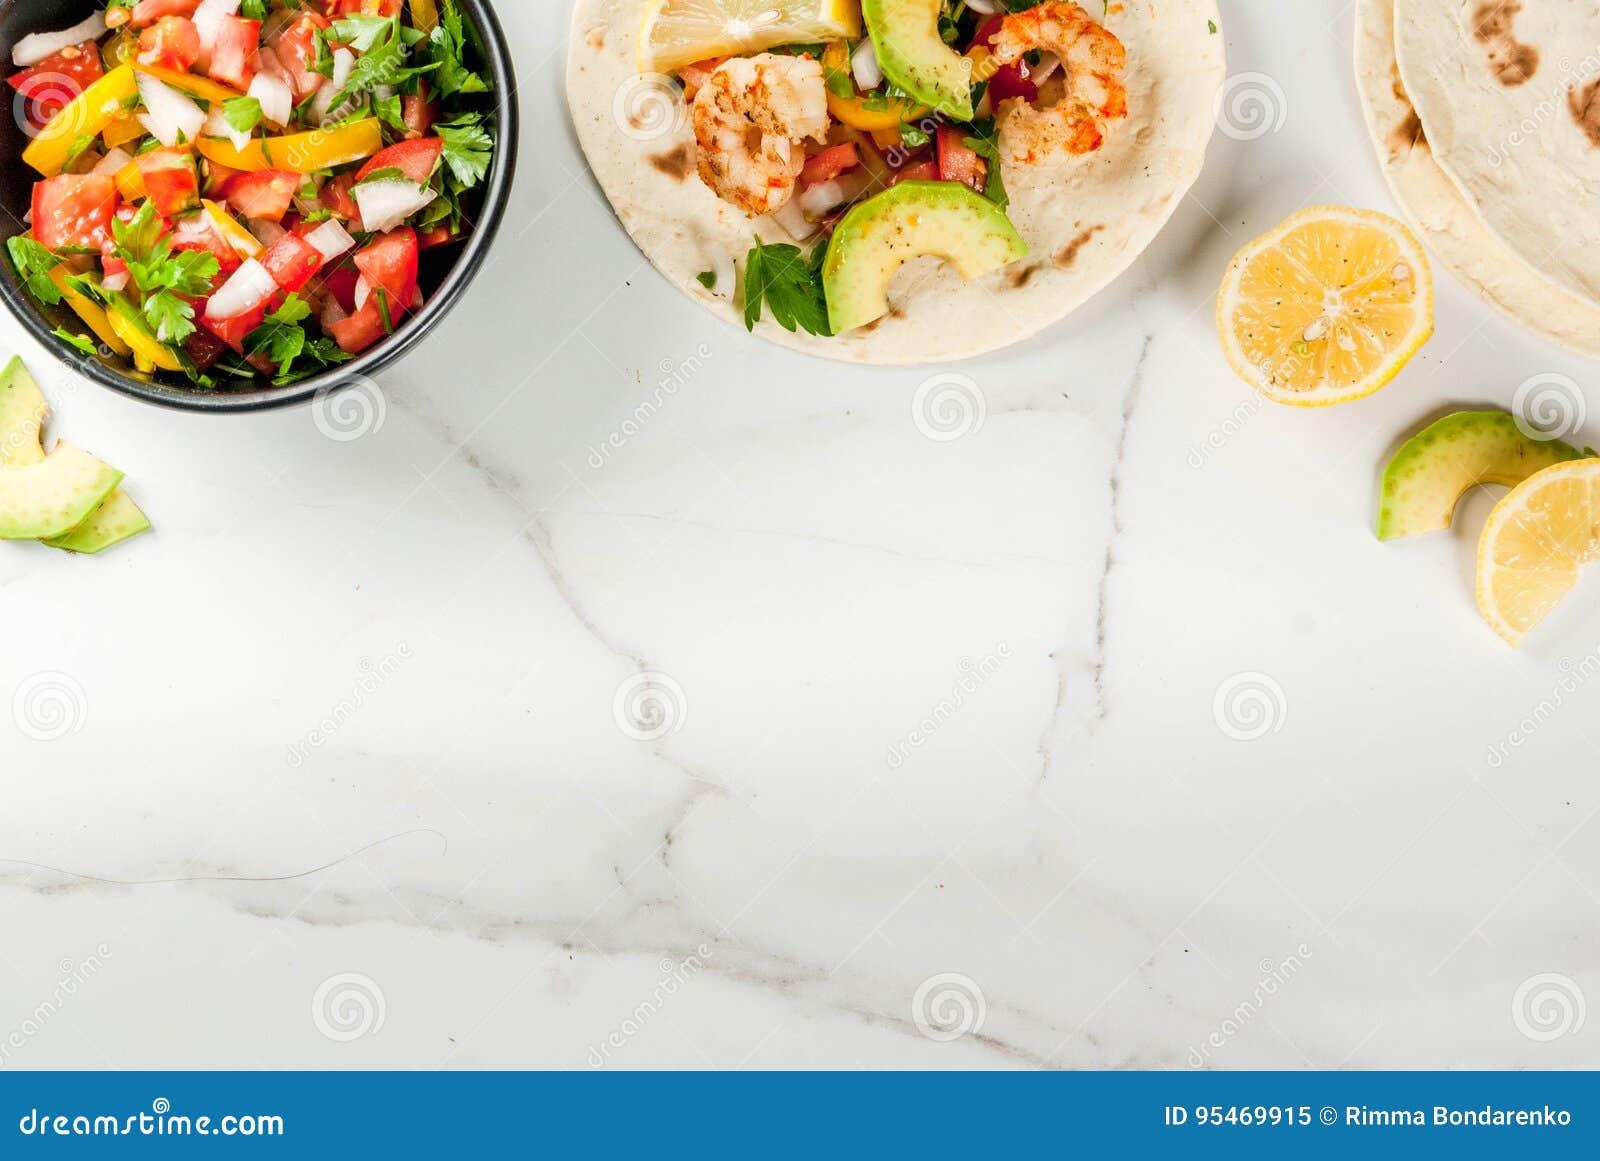 Taco s met salsa en garnalen